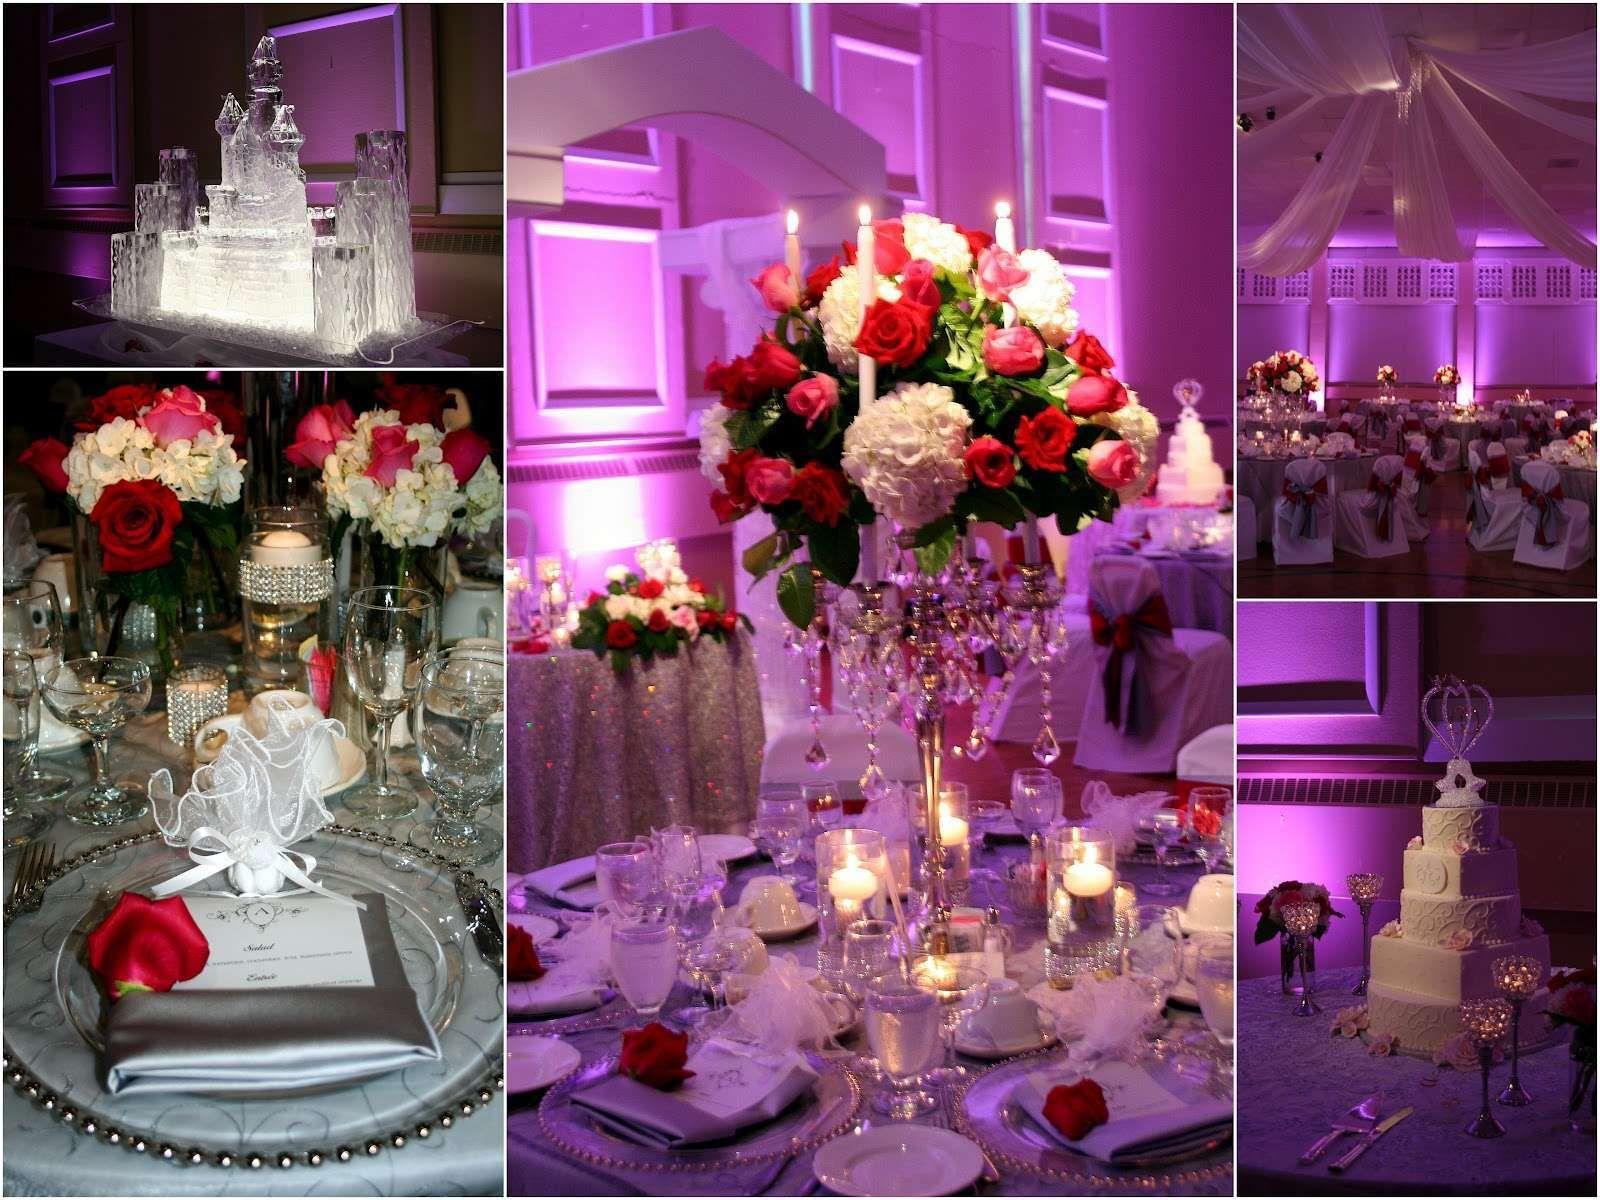 Unique wedding decoration ideas  Unique Wedding Centerpiece Ideas  Wallpaper Best Unique Wedding